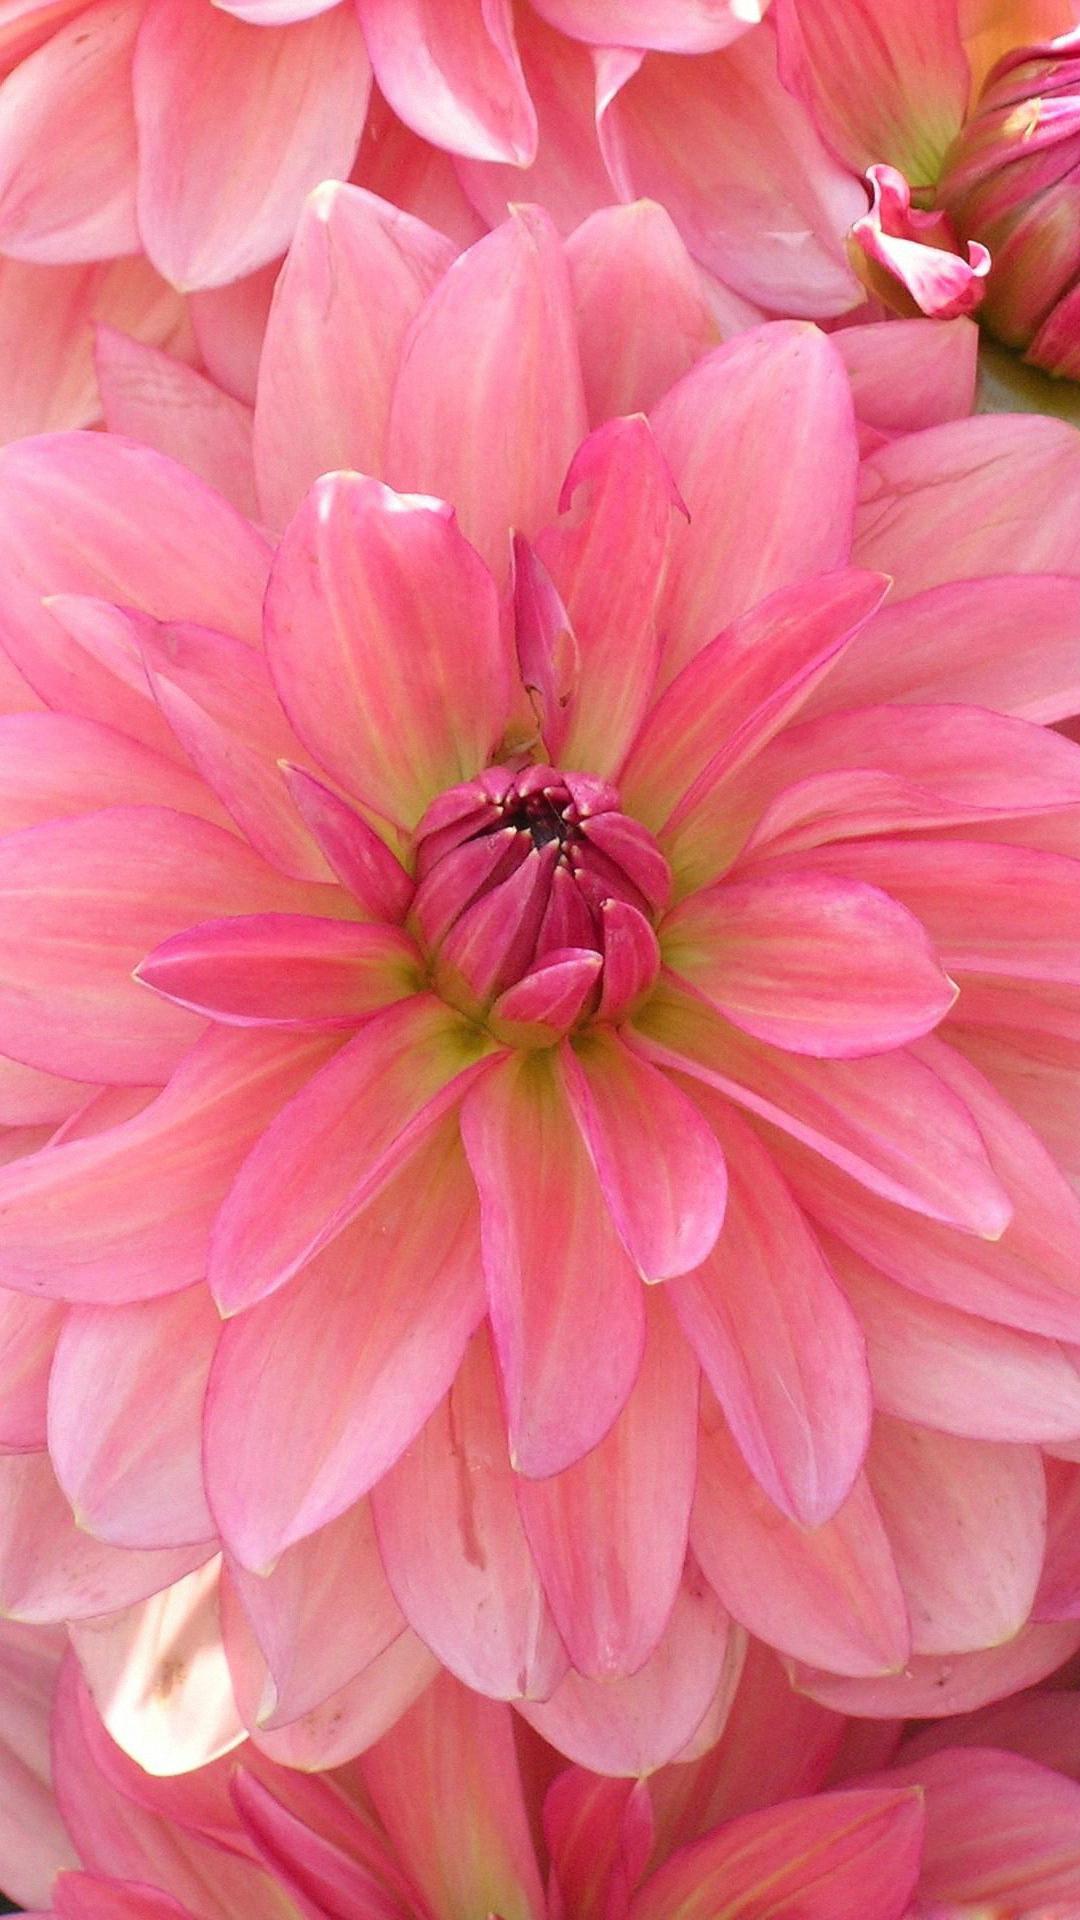 Flower - Flower Iphone Wallpaper Hd , HD Wallpaper & Backgrounds